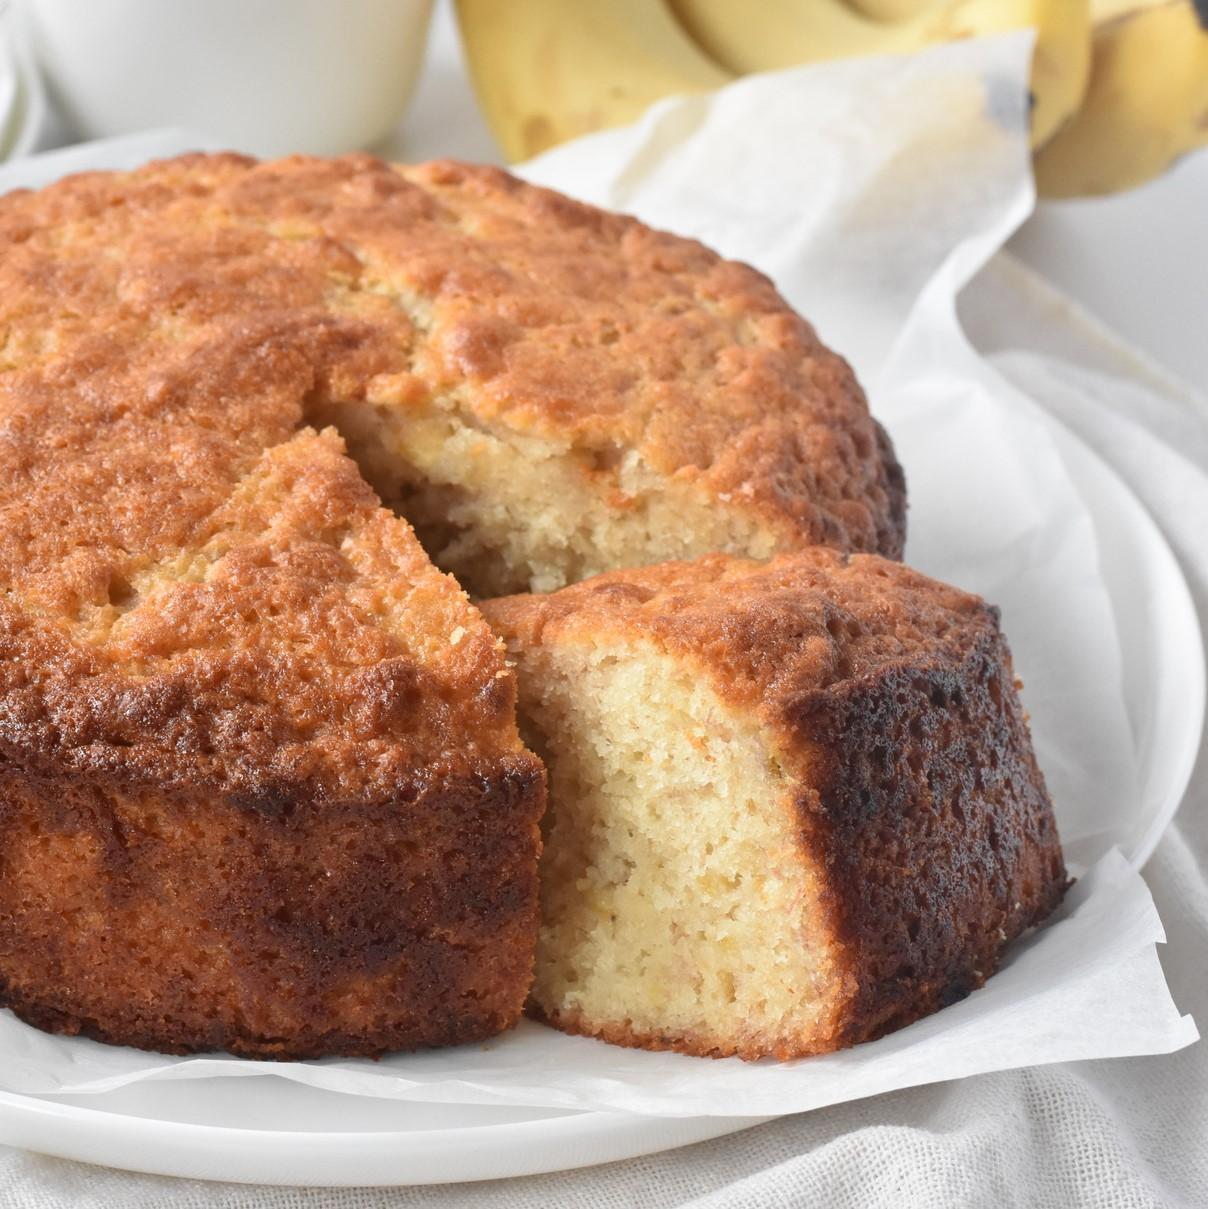 Easy Banana Cake sliced and on display.